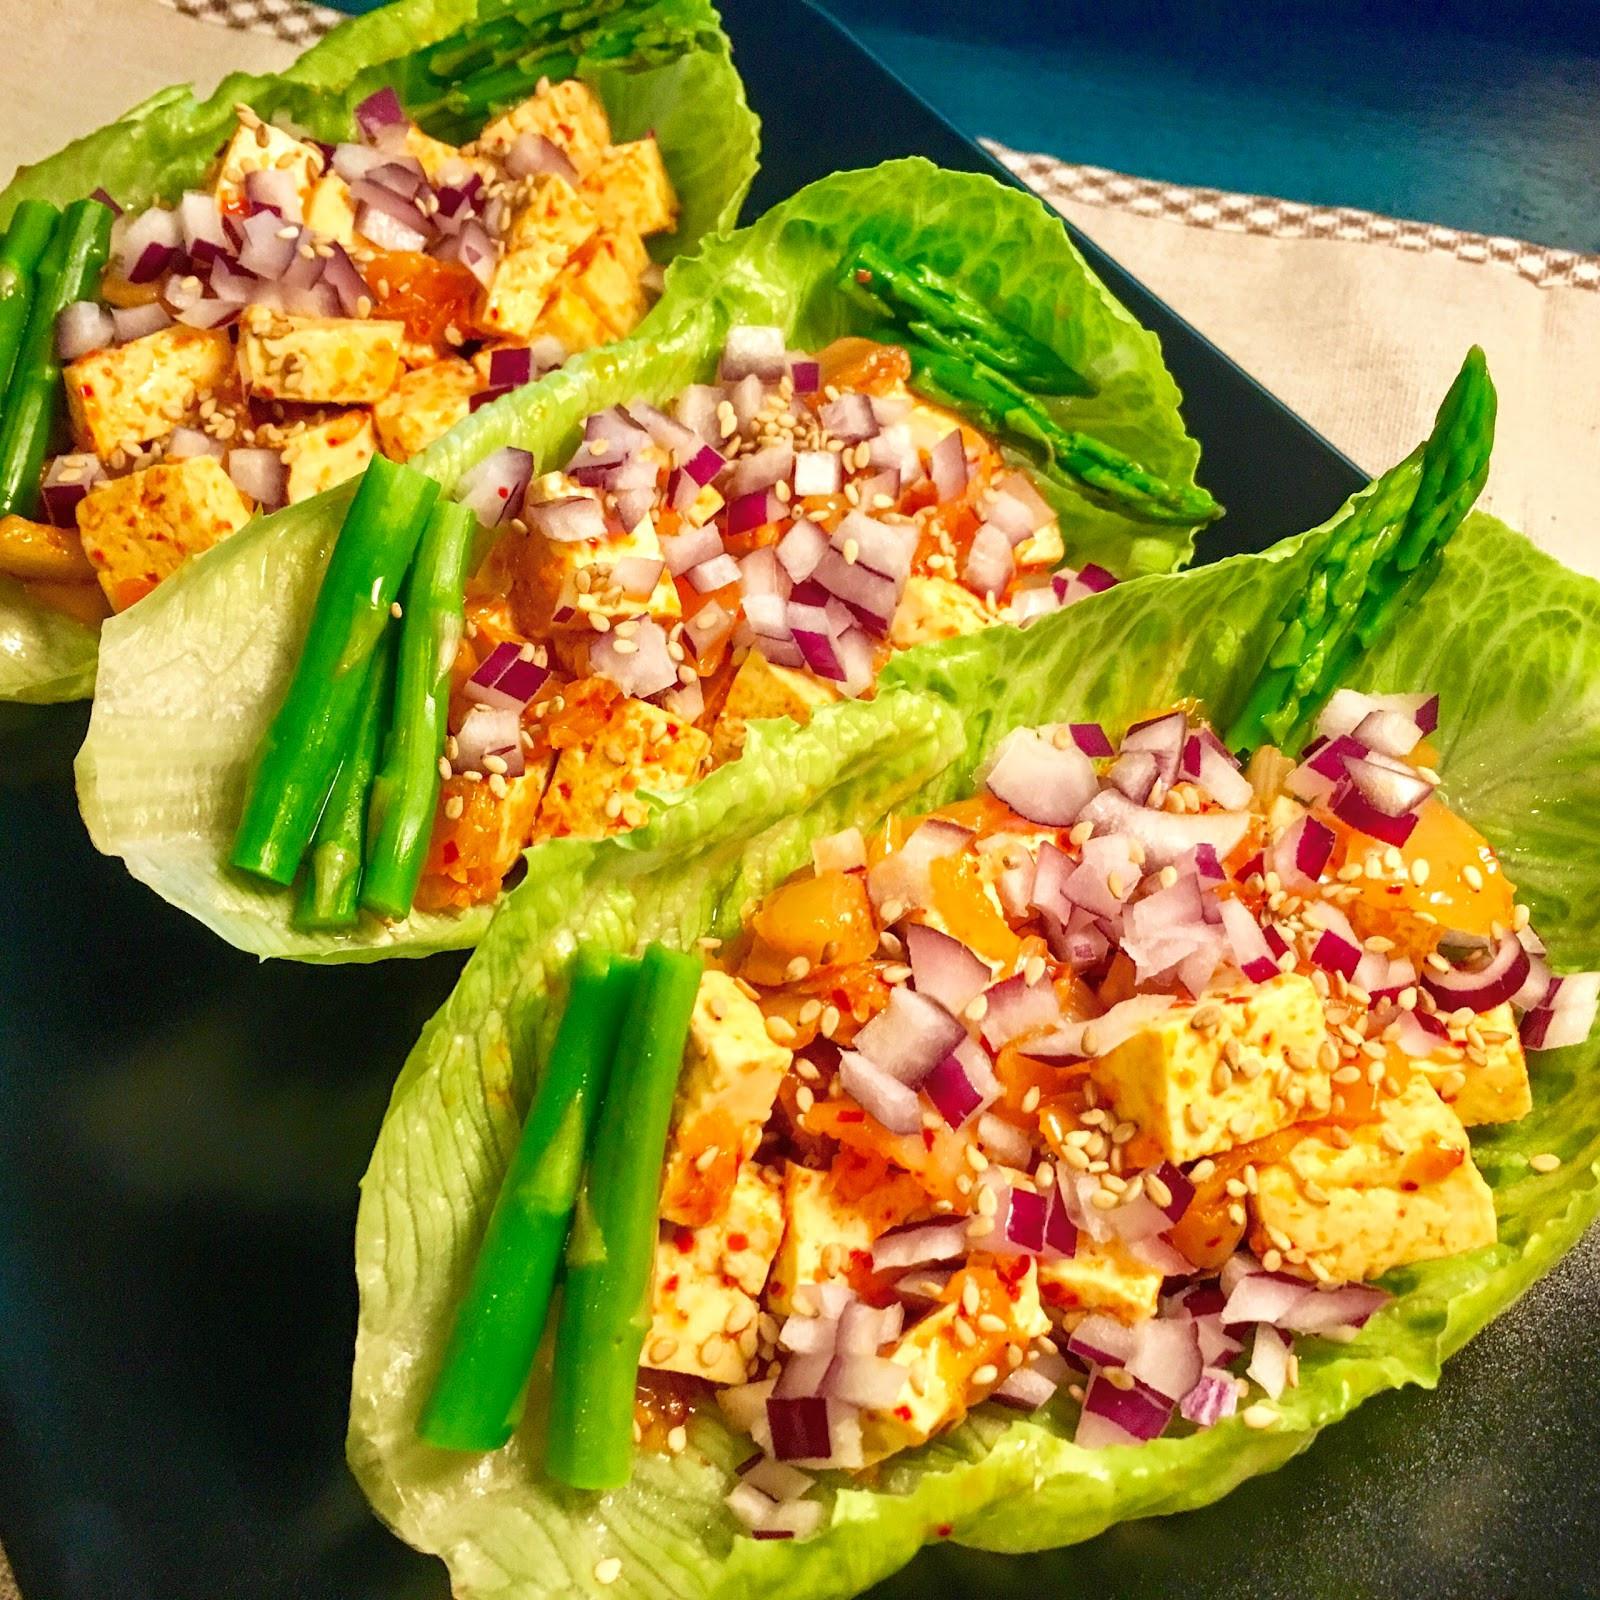 簡單蔬食! 泡菜豆腐生菜捲